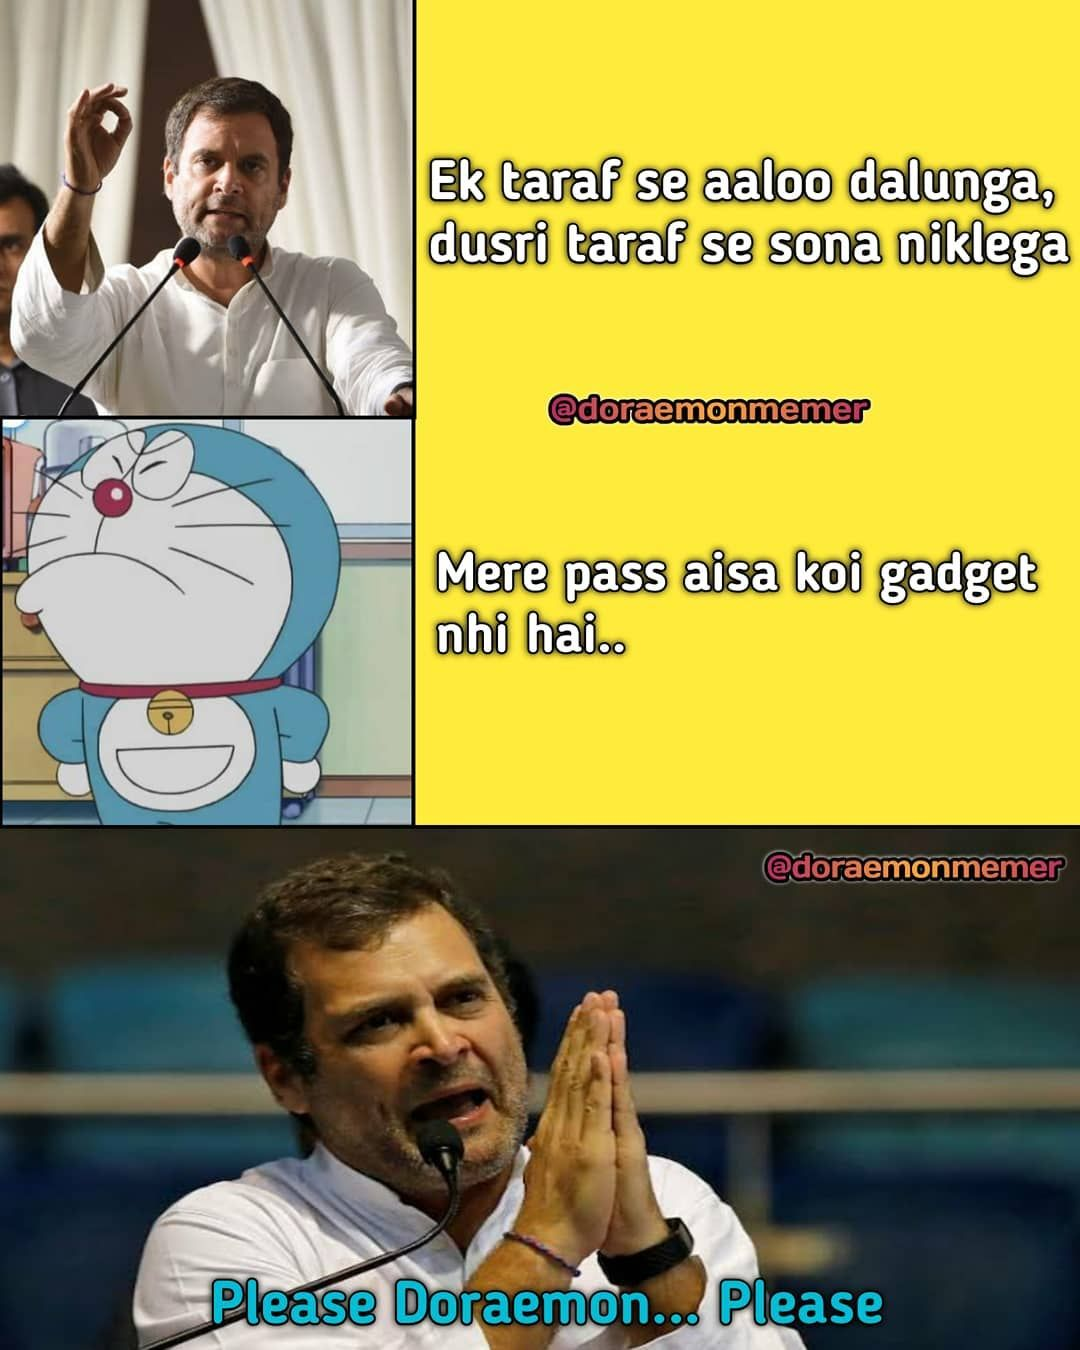 Funny Doraemon Memes Best Funny Doraemon Meme Doraemon English Meme Doraemon Hindi Meme Best Funny H Funny English Jokes English Jokes Funny Cartoon Memes